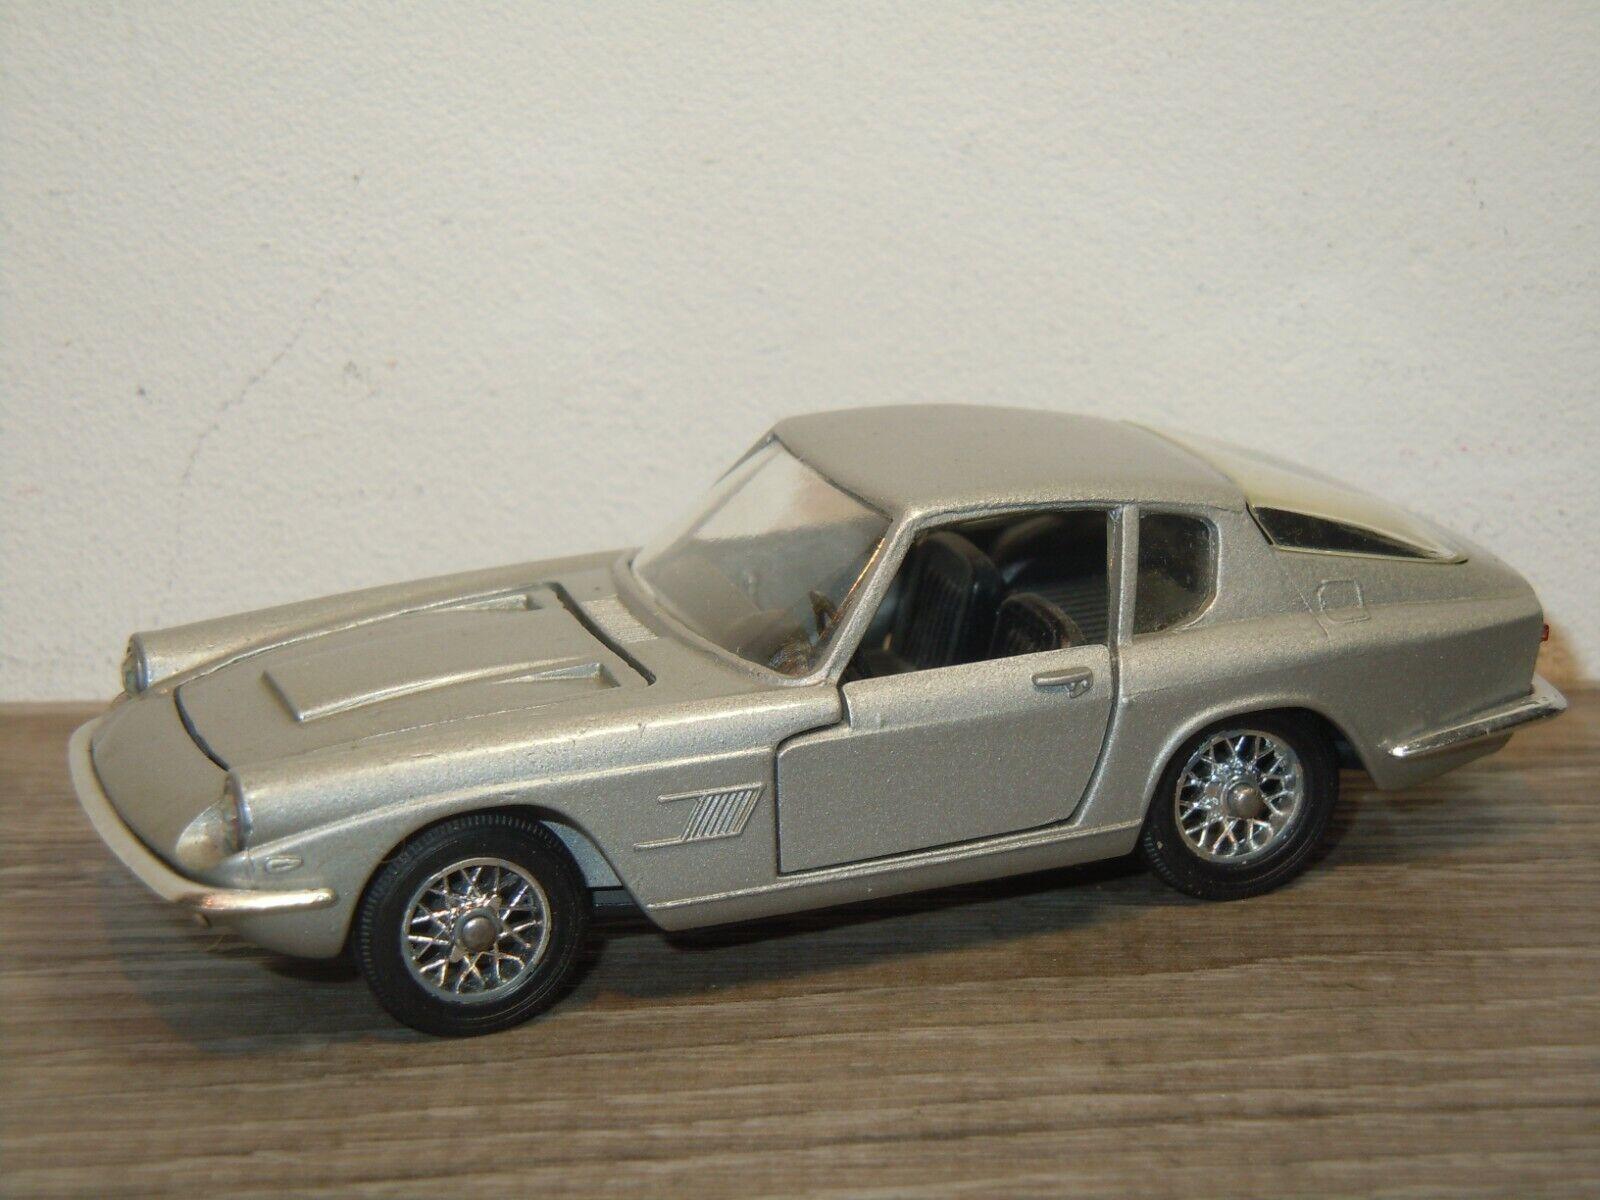 Maserati 3,5 Mistral - Solido 139 France 1 43 36969